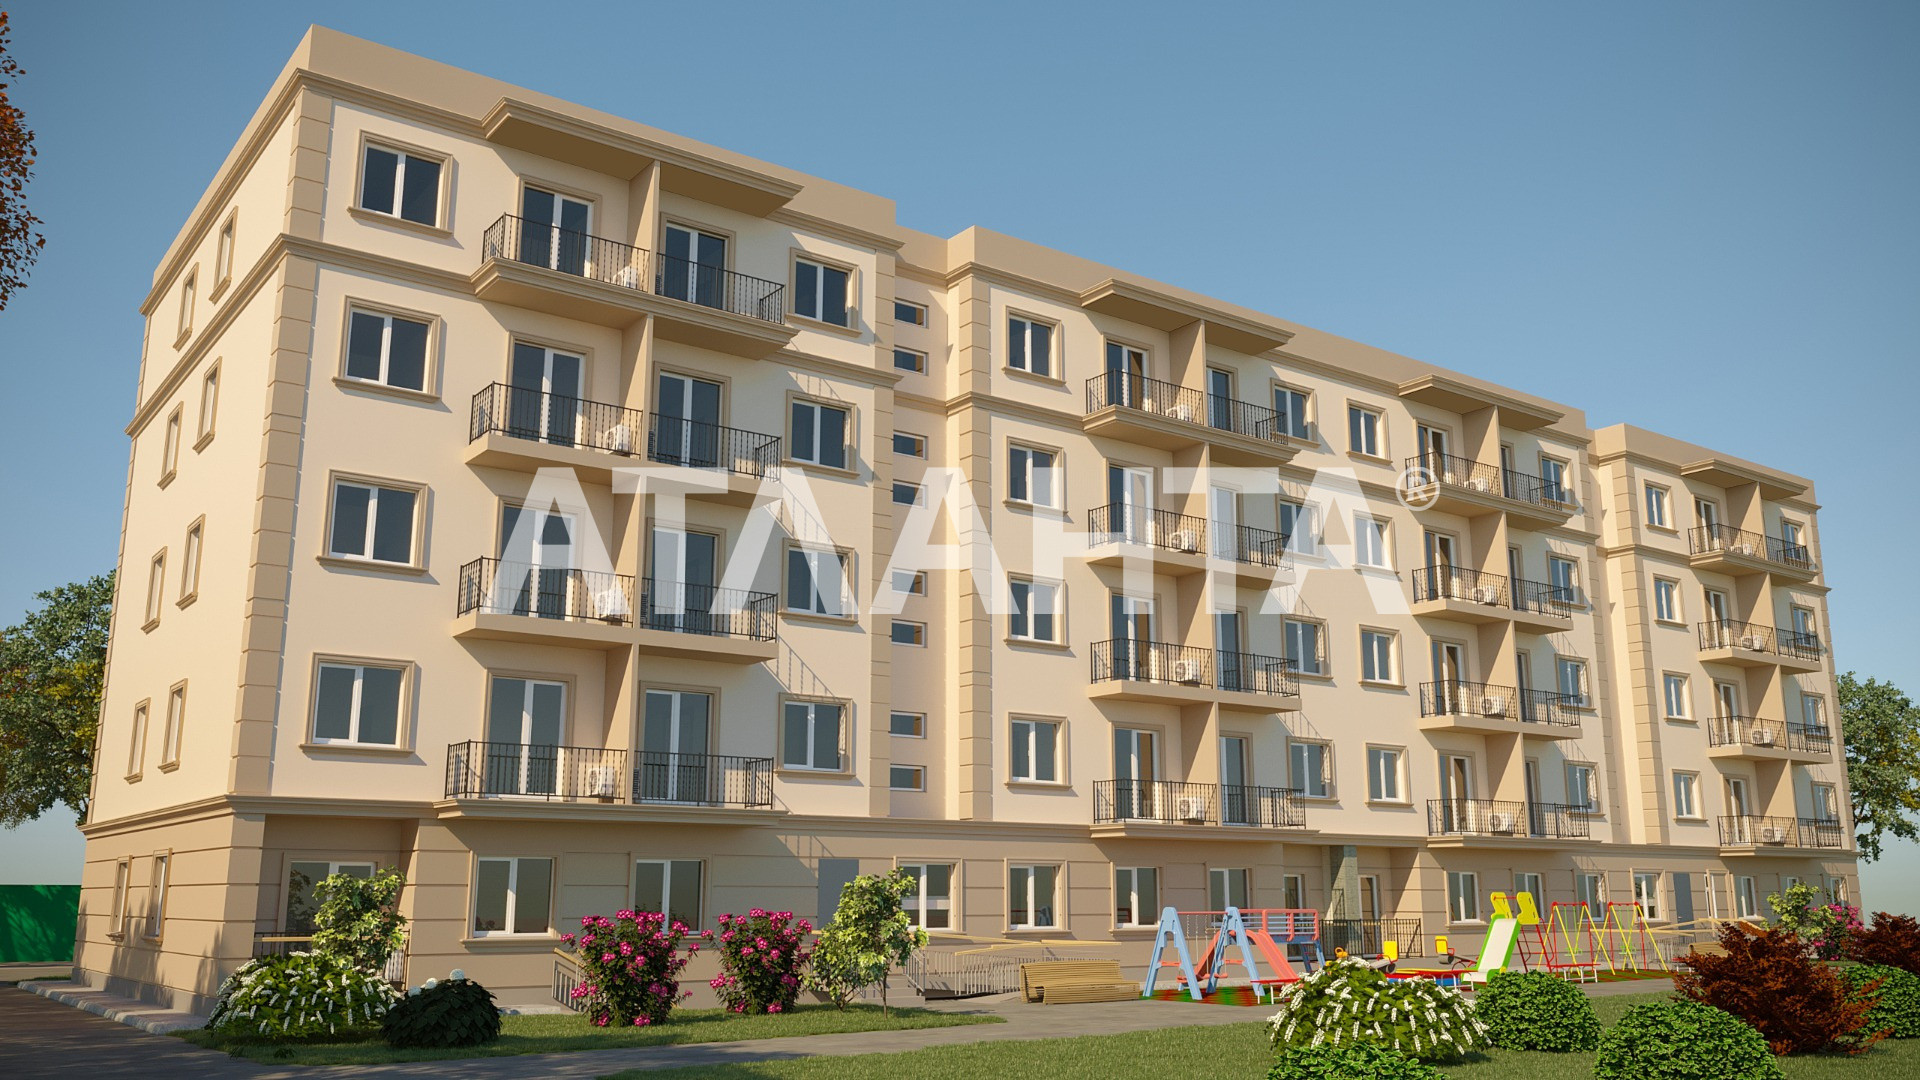 Продается 1-комнатная Квартира на ул. Люстдорфская Дор. (Черноморская Дор.) — 30 310 у.е. (фото №2)